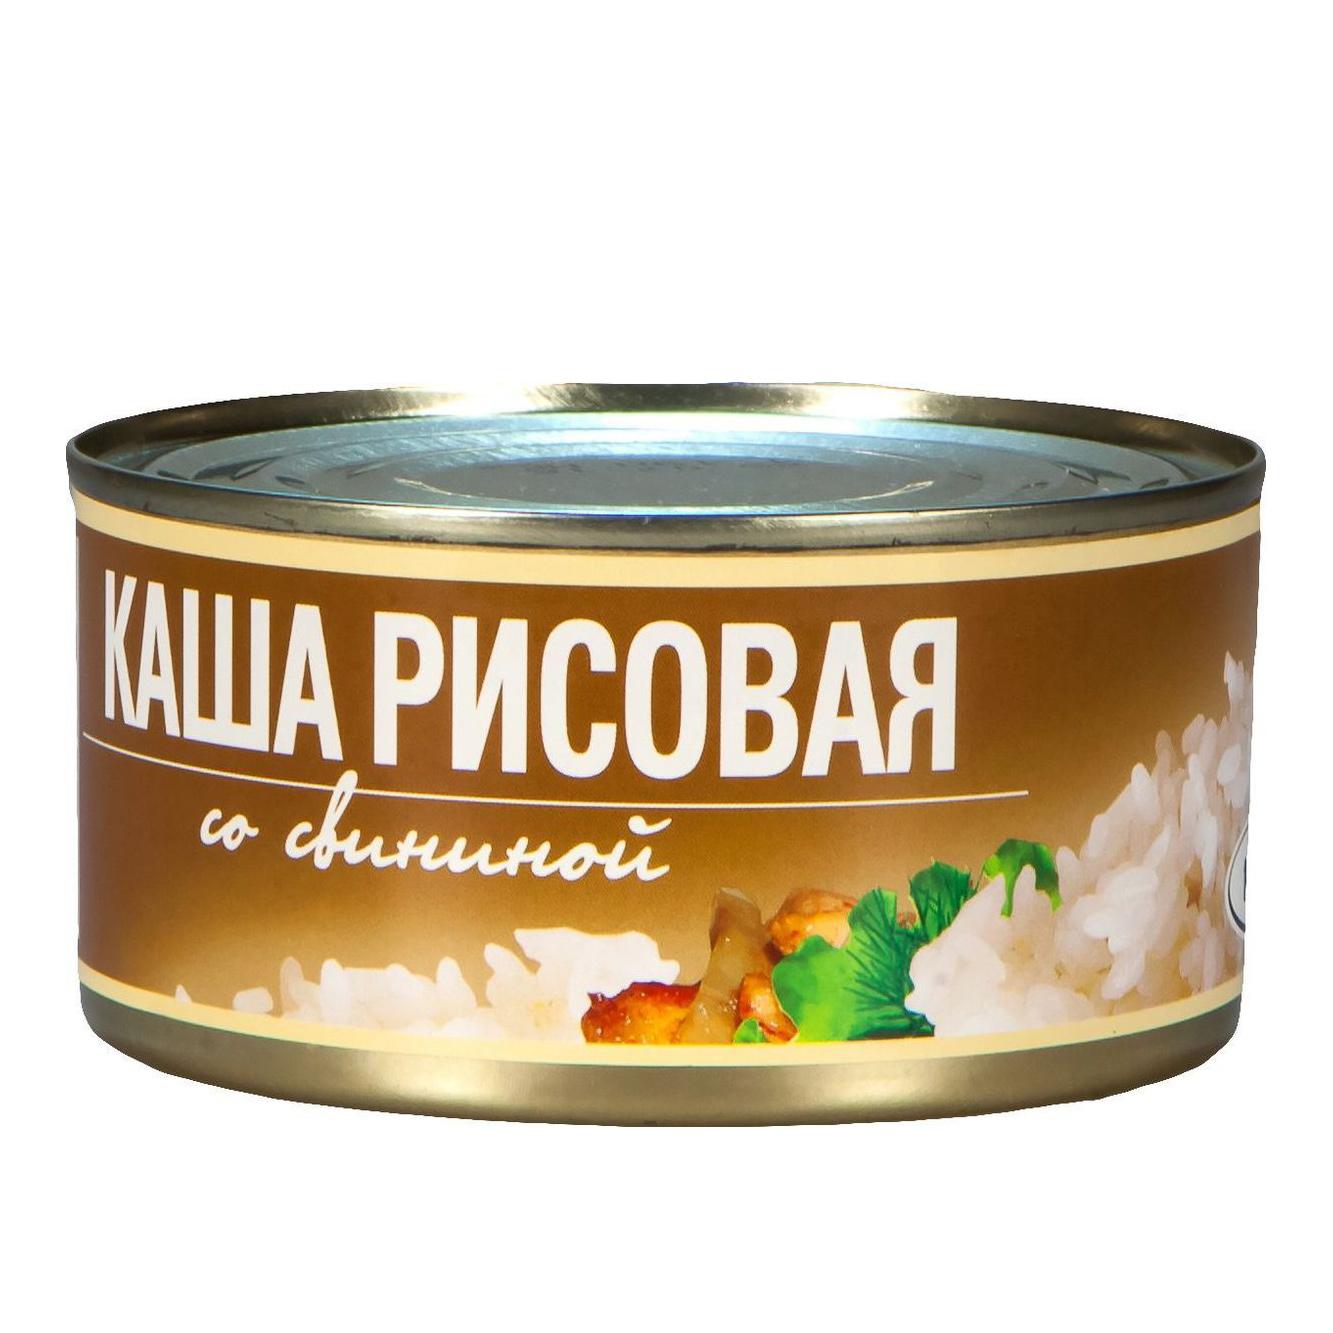 Фото - Каша рисовая Рузком со свининой 325 г плов рузком узбекский с говядиной 325 г